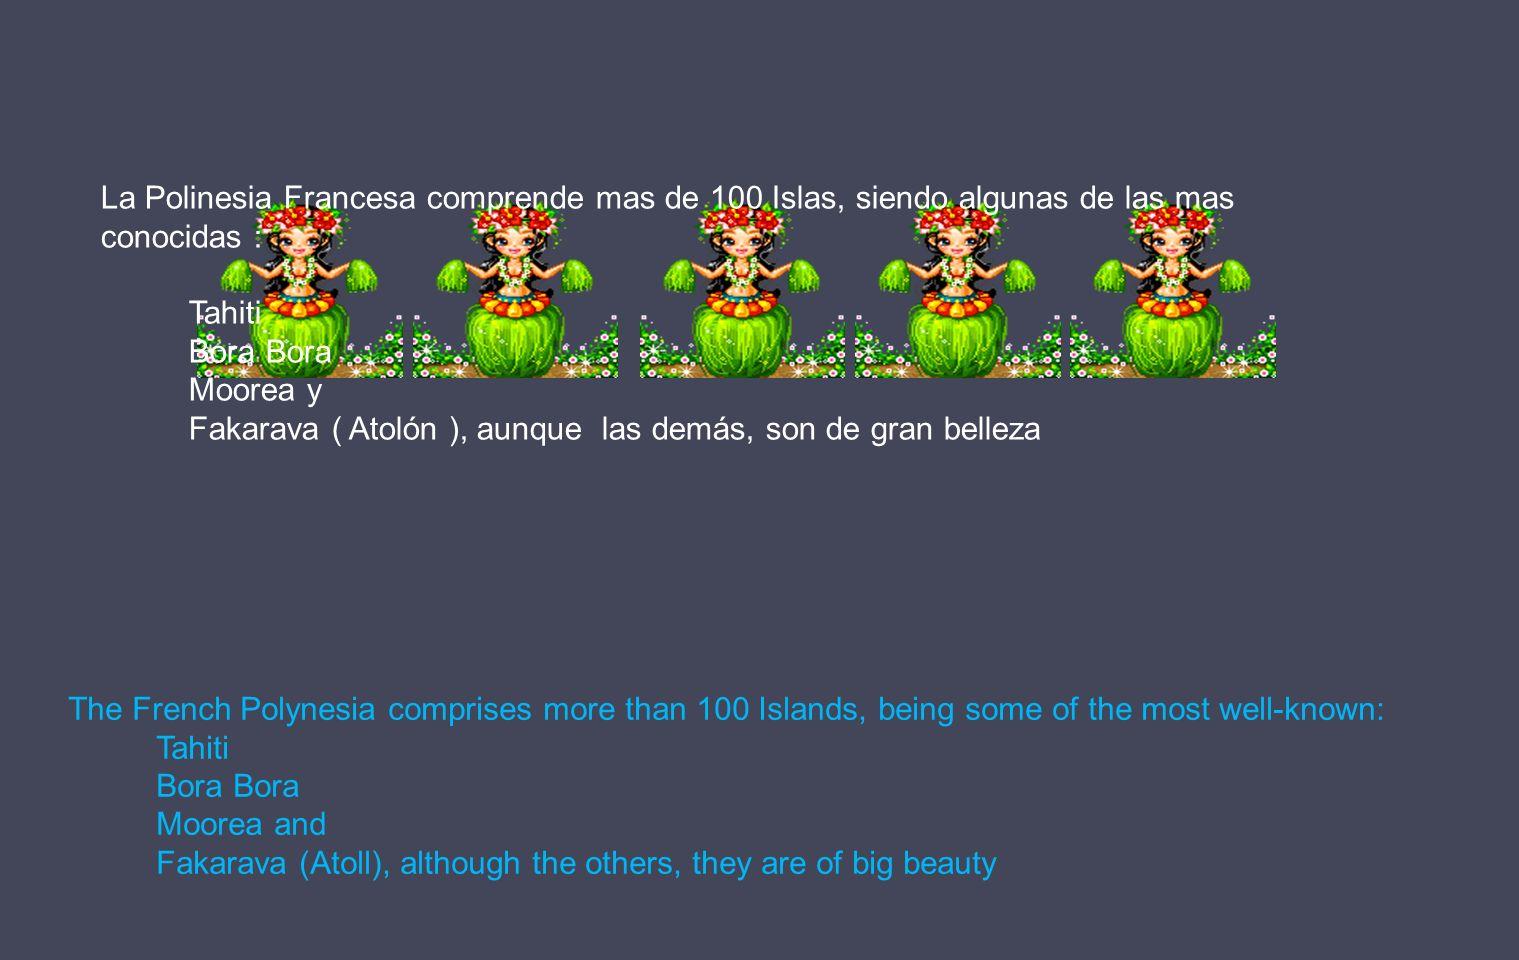 La Polinesia Francesa comprende mas de 100 Islas, siendo algunas de las mas conocidas : Tahiti Bora Bora Moorea y Fakarava ( Atolón ), aunque las demás, son de gran belleza The French Polynesia comprises more than 100 Islands, being some of the most well-known: Tahiti Bora Bora Moorea and Fakarava (Atoll), although the others, they are of big beauty